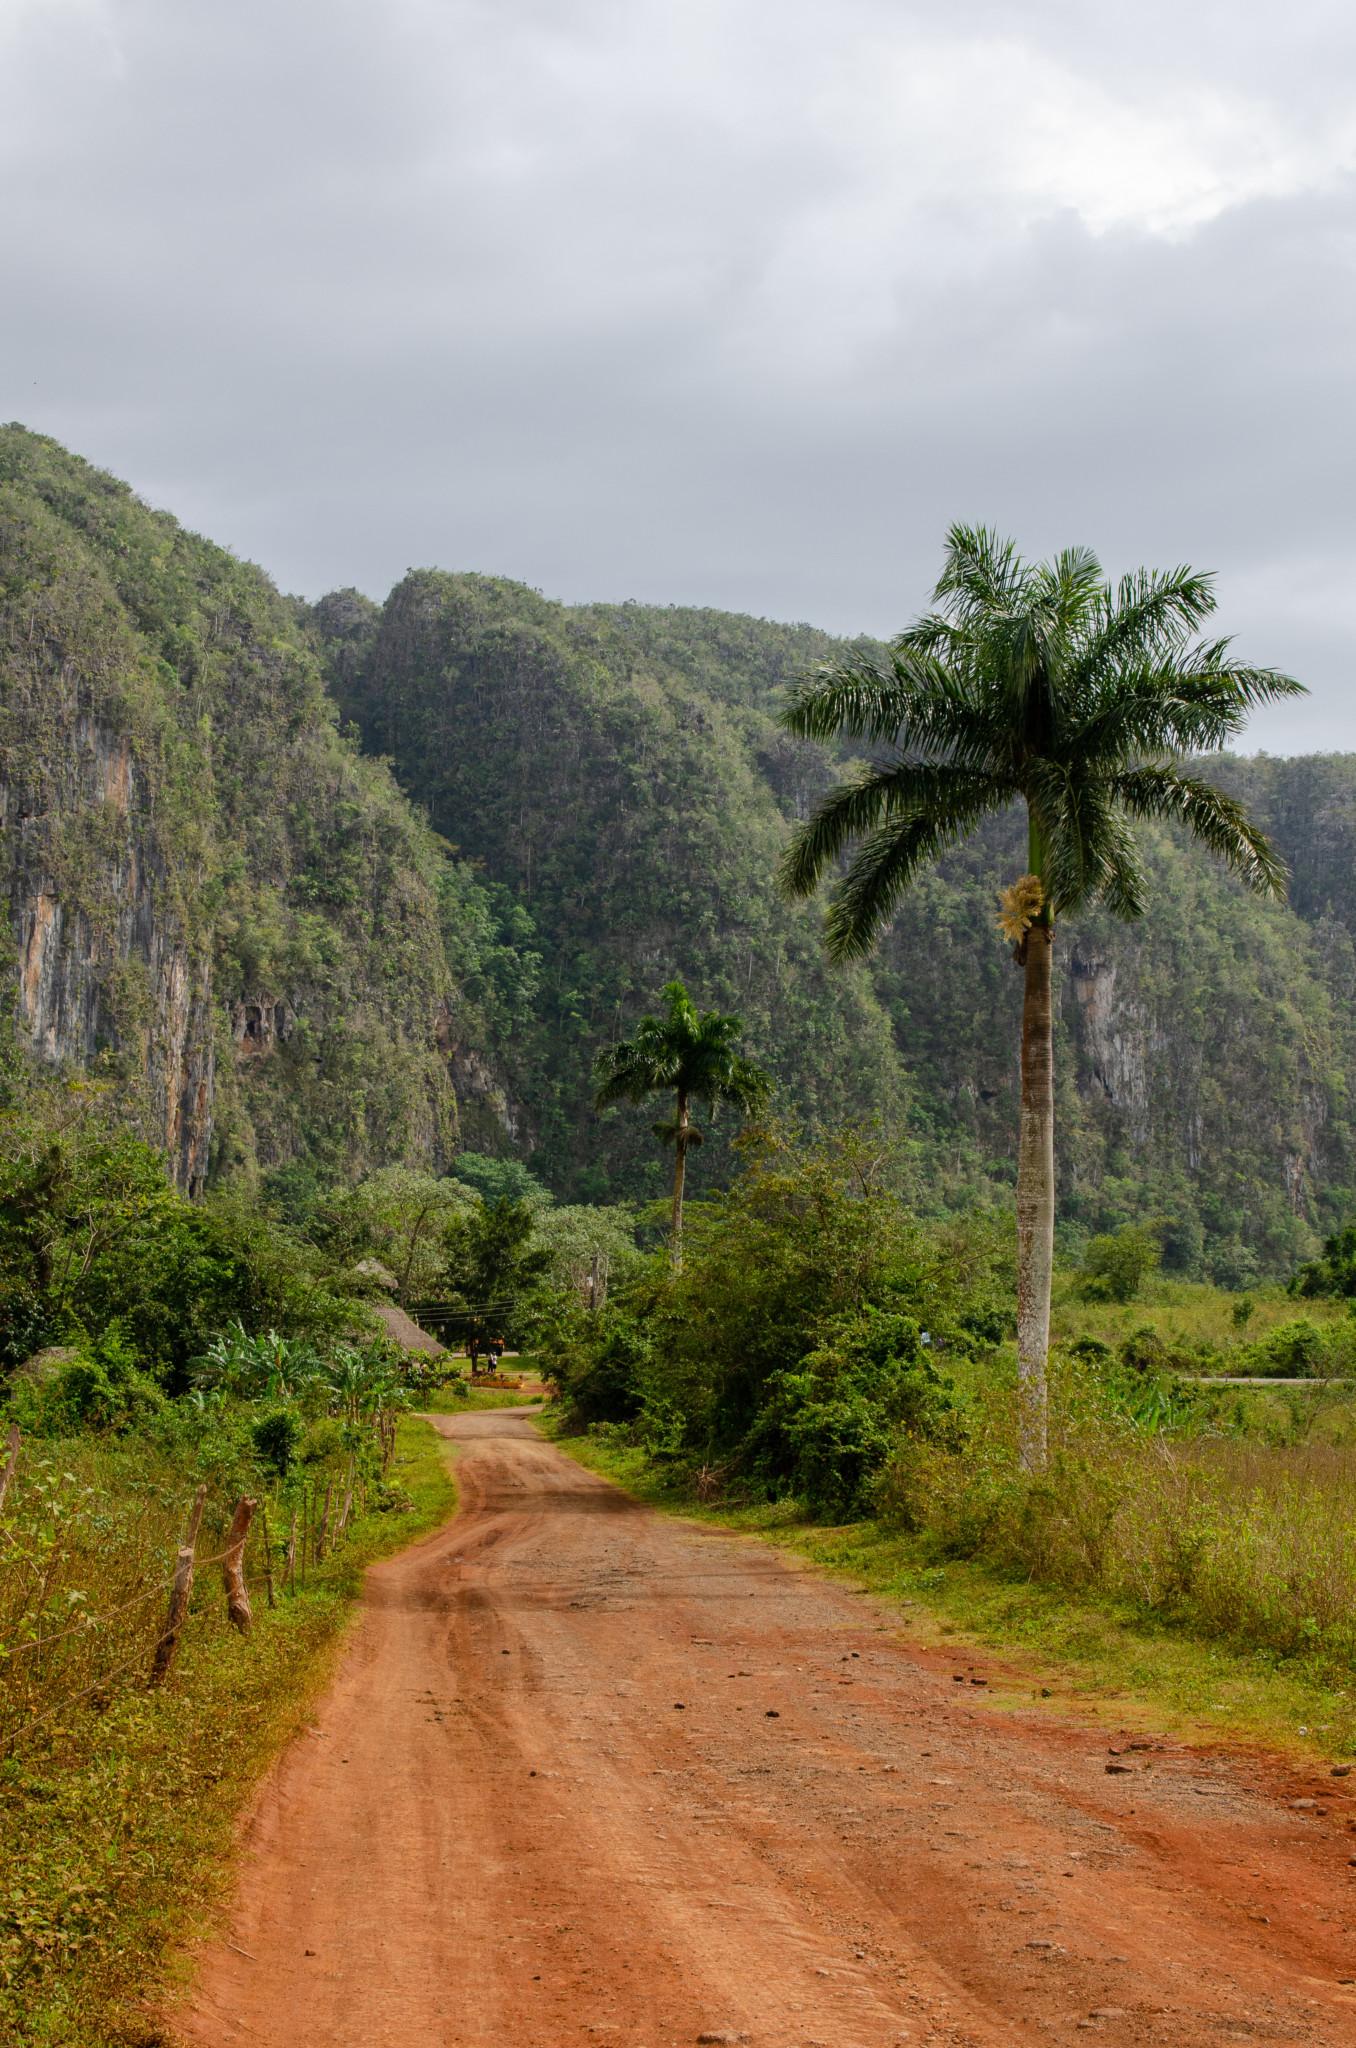 Unbefahrene Straße im Valle de Vinales